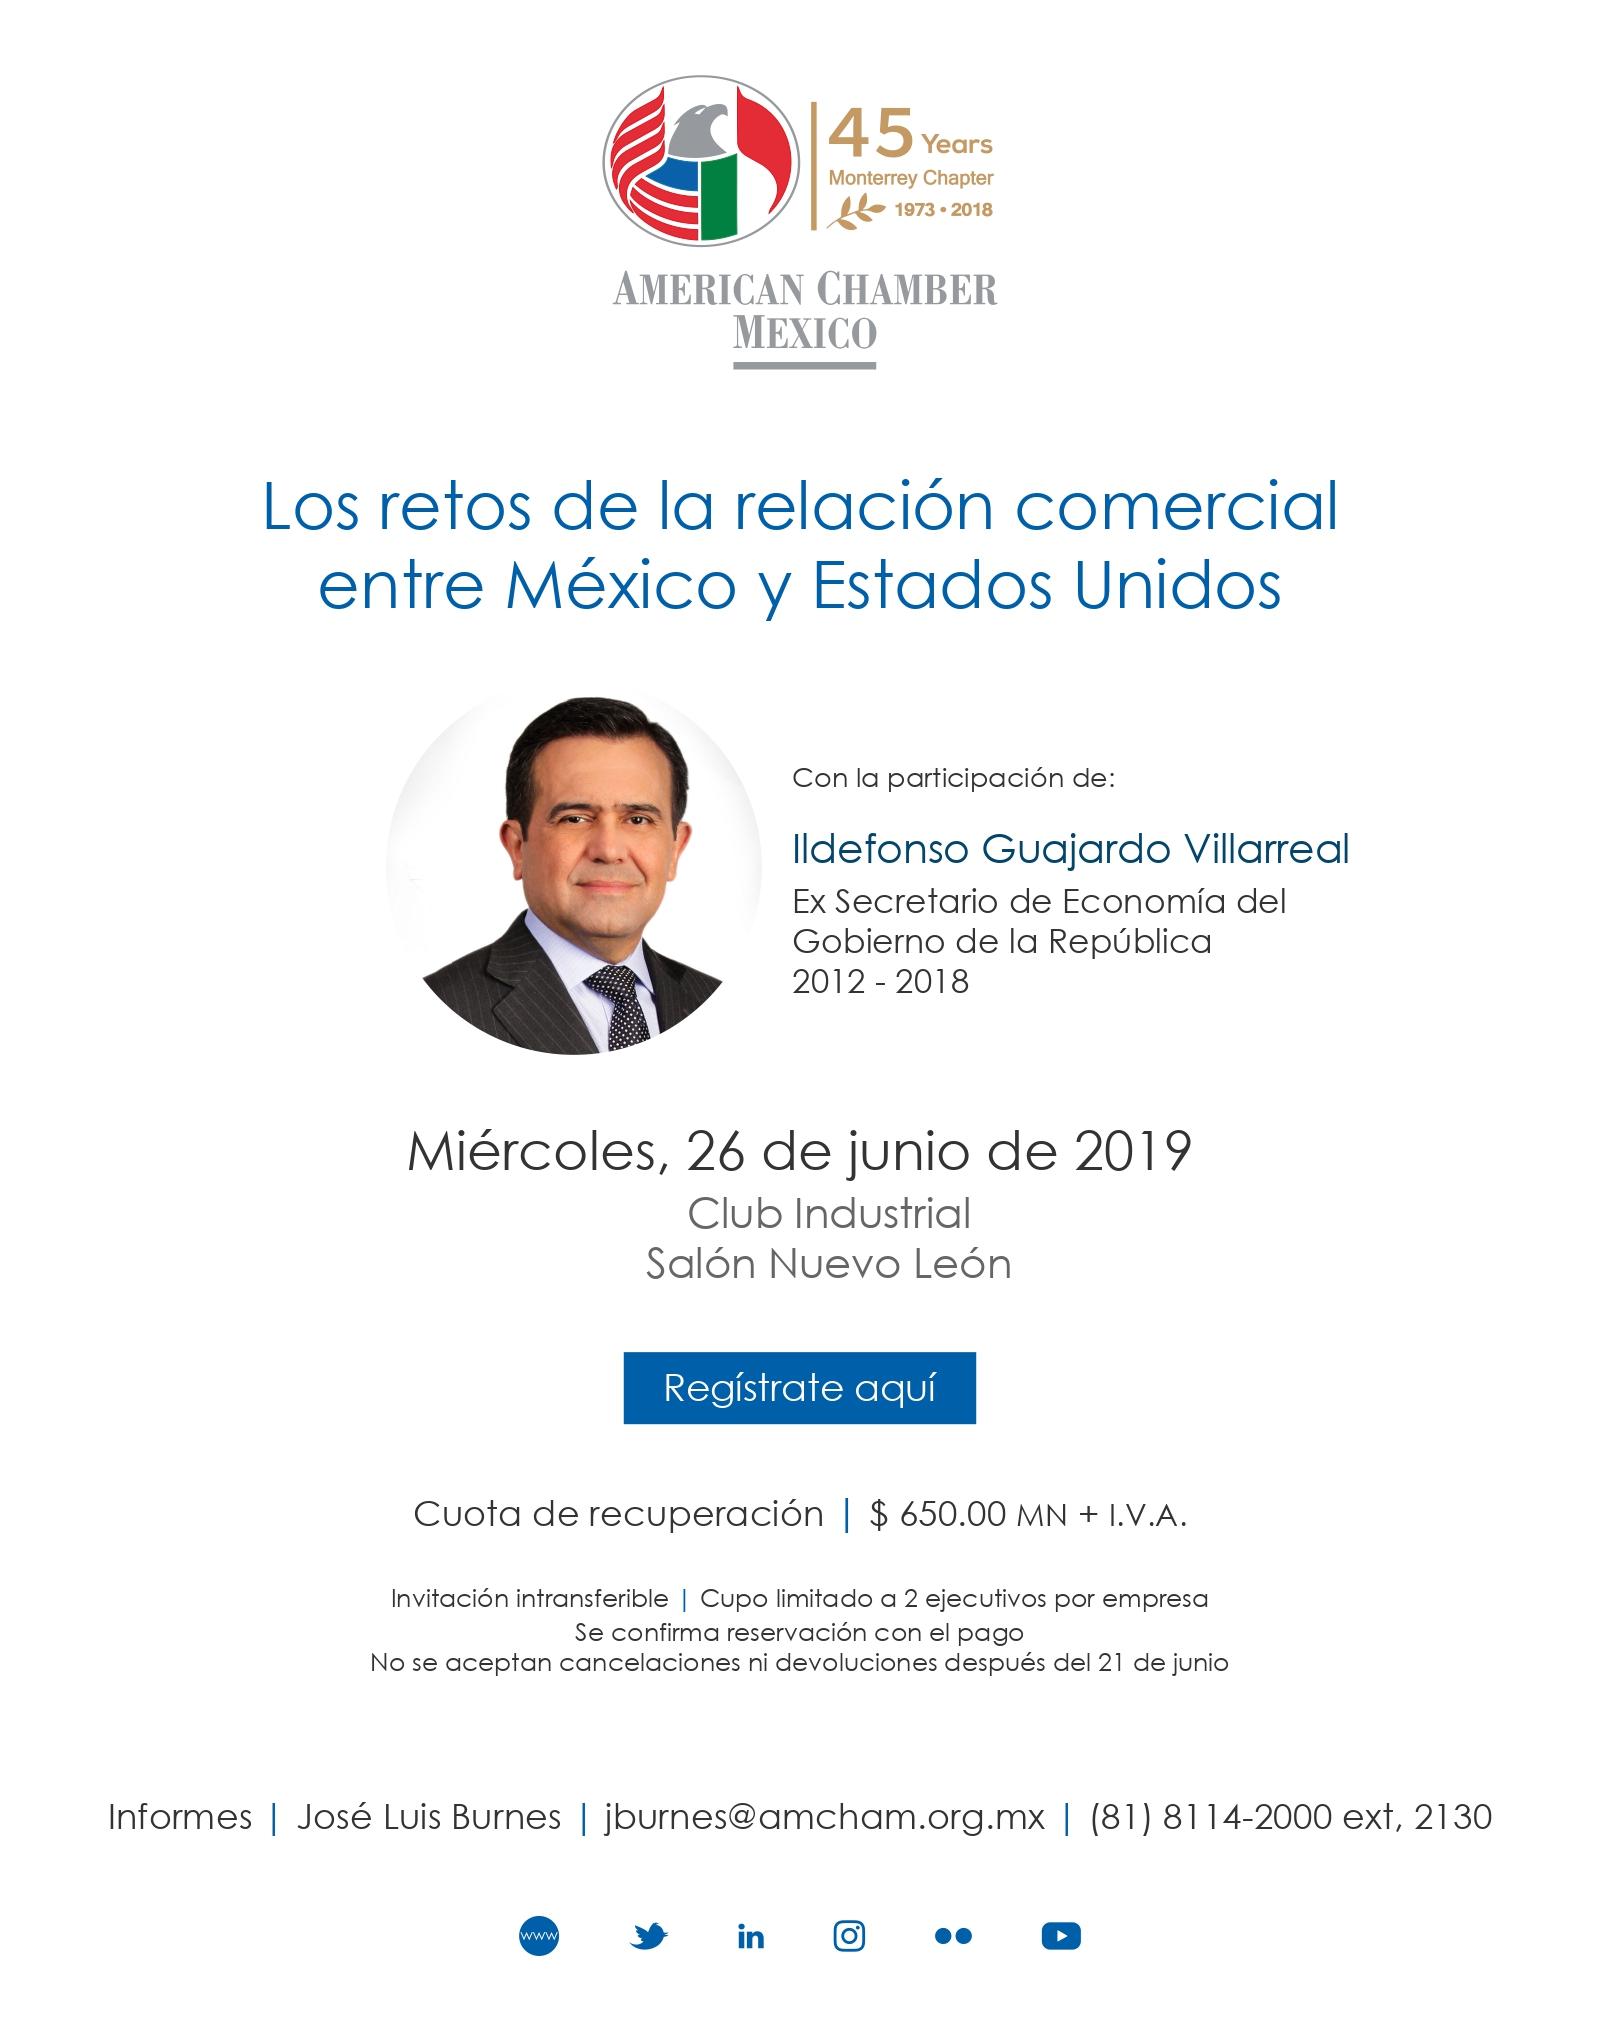 MTY - EVENTO ESPECIAL LOS RETOS DE LA RELACIÓN COMERCIAL ENTRE MÉXICO Y ESTADOS UNIDOS